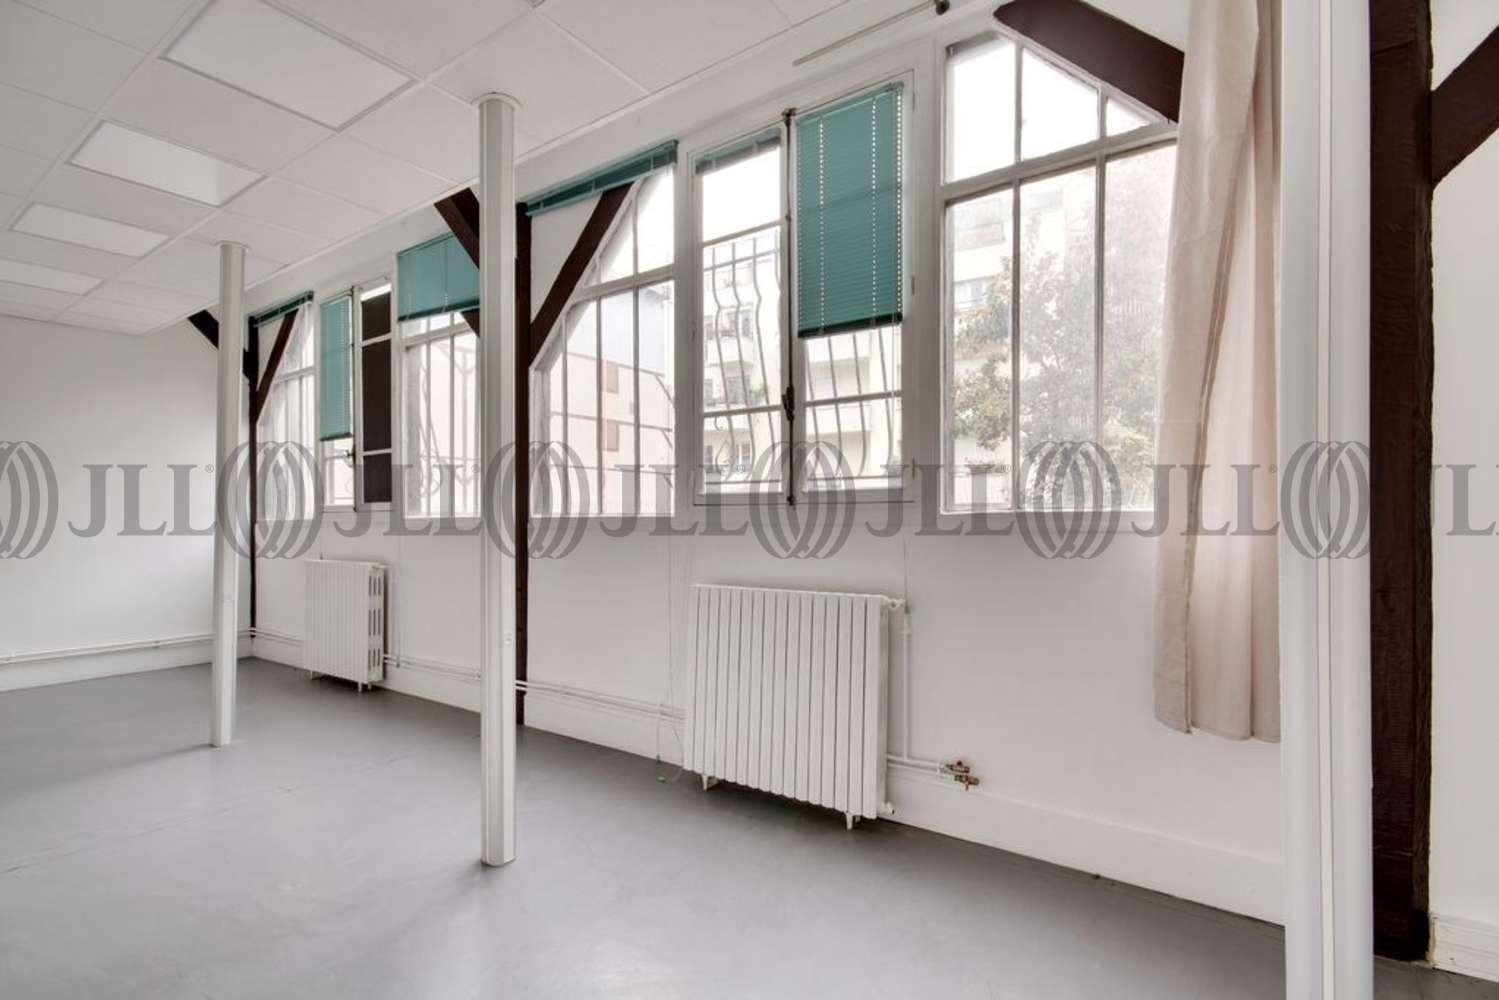 bureaux à louer - 75010 Ile-de-France PARIS (66550) | JLL France